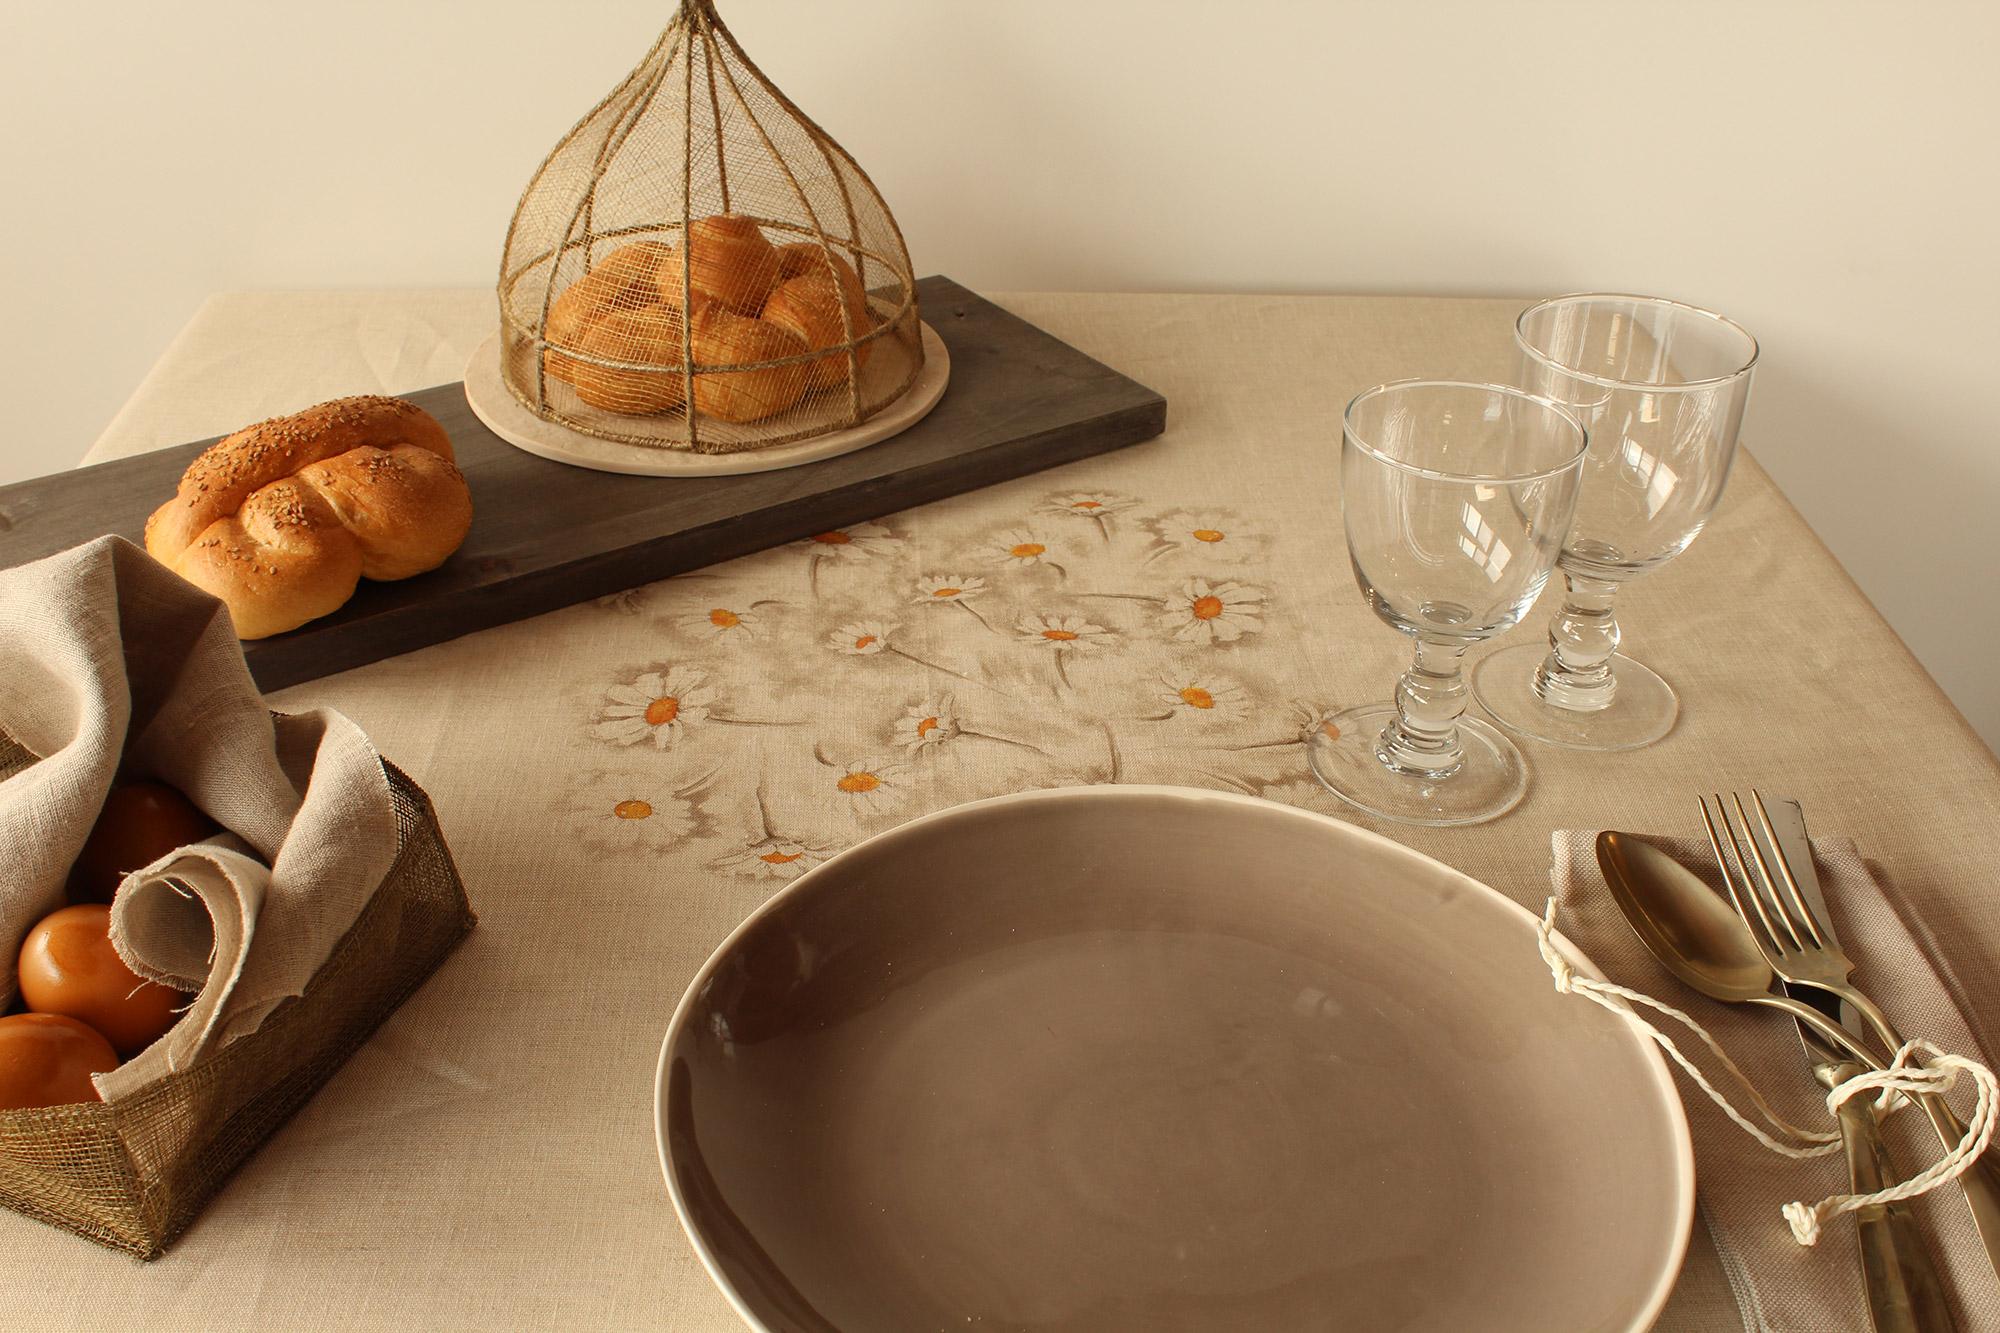 Tovaglia volaille giardino di rose biancheria per la casa online tovaglie letto - Tovaglie da bagno ...